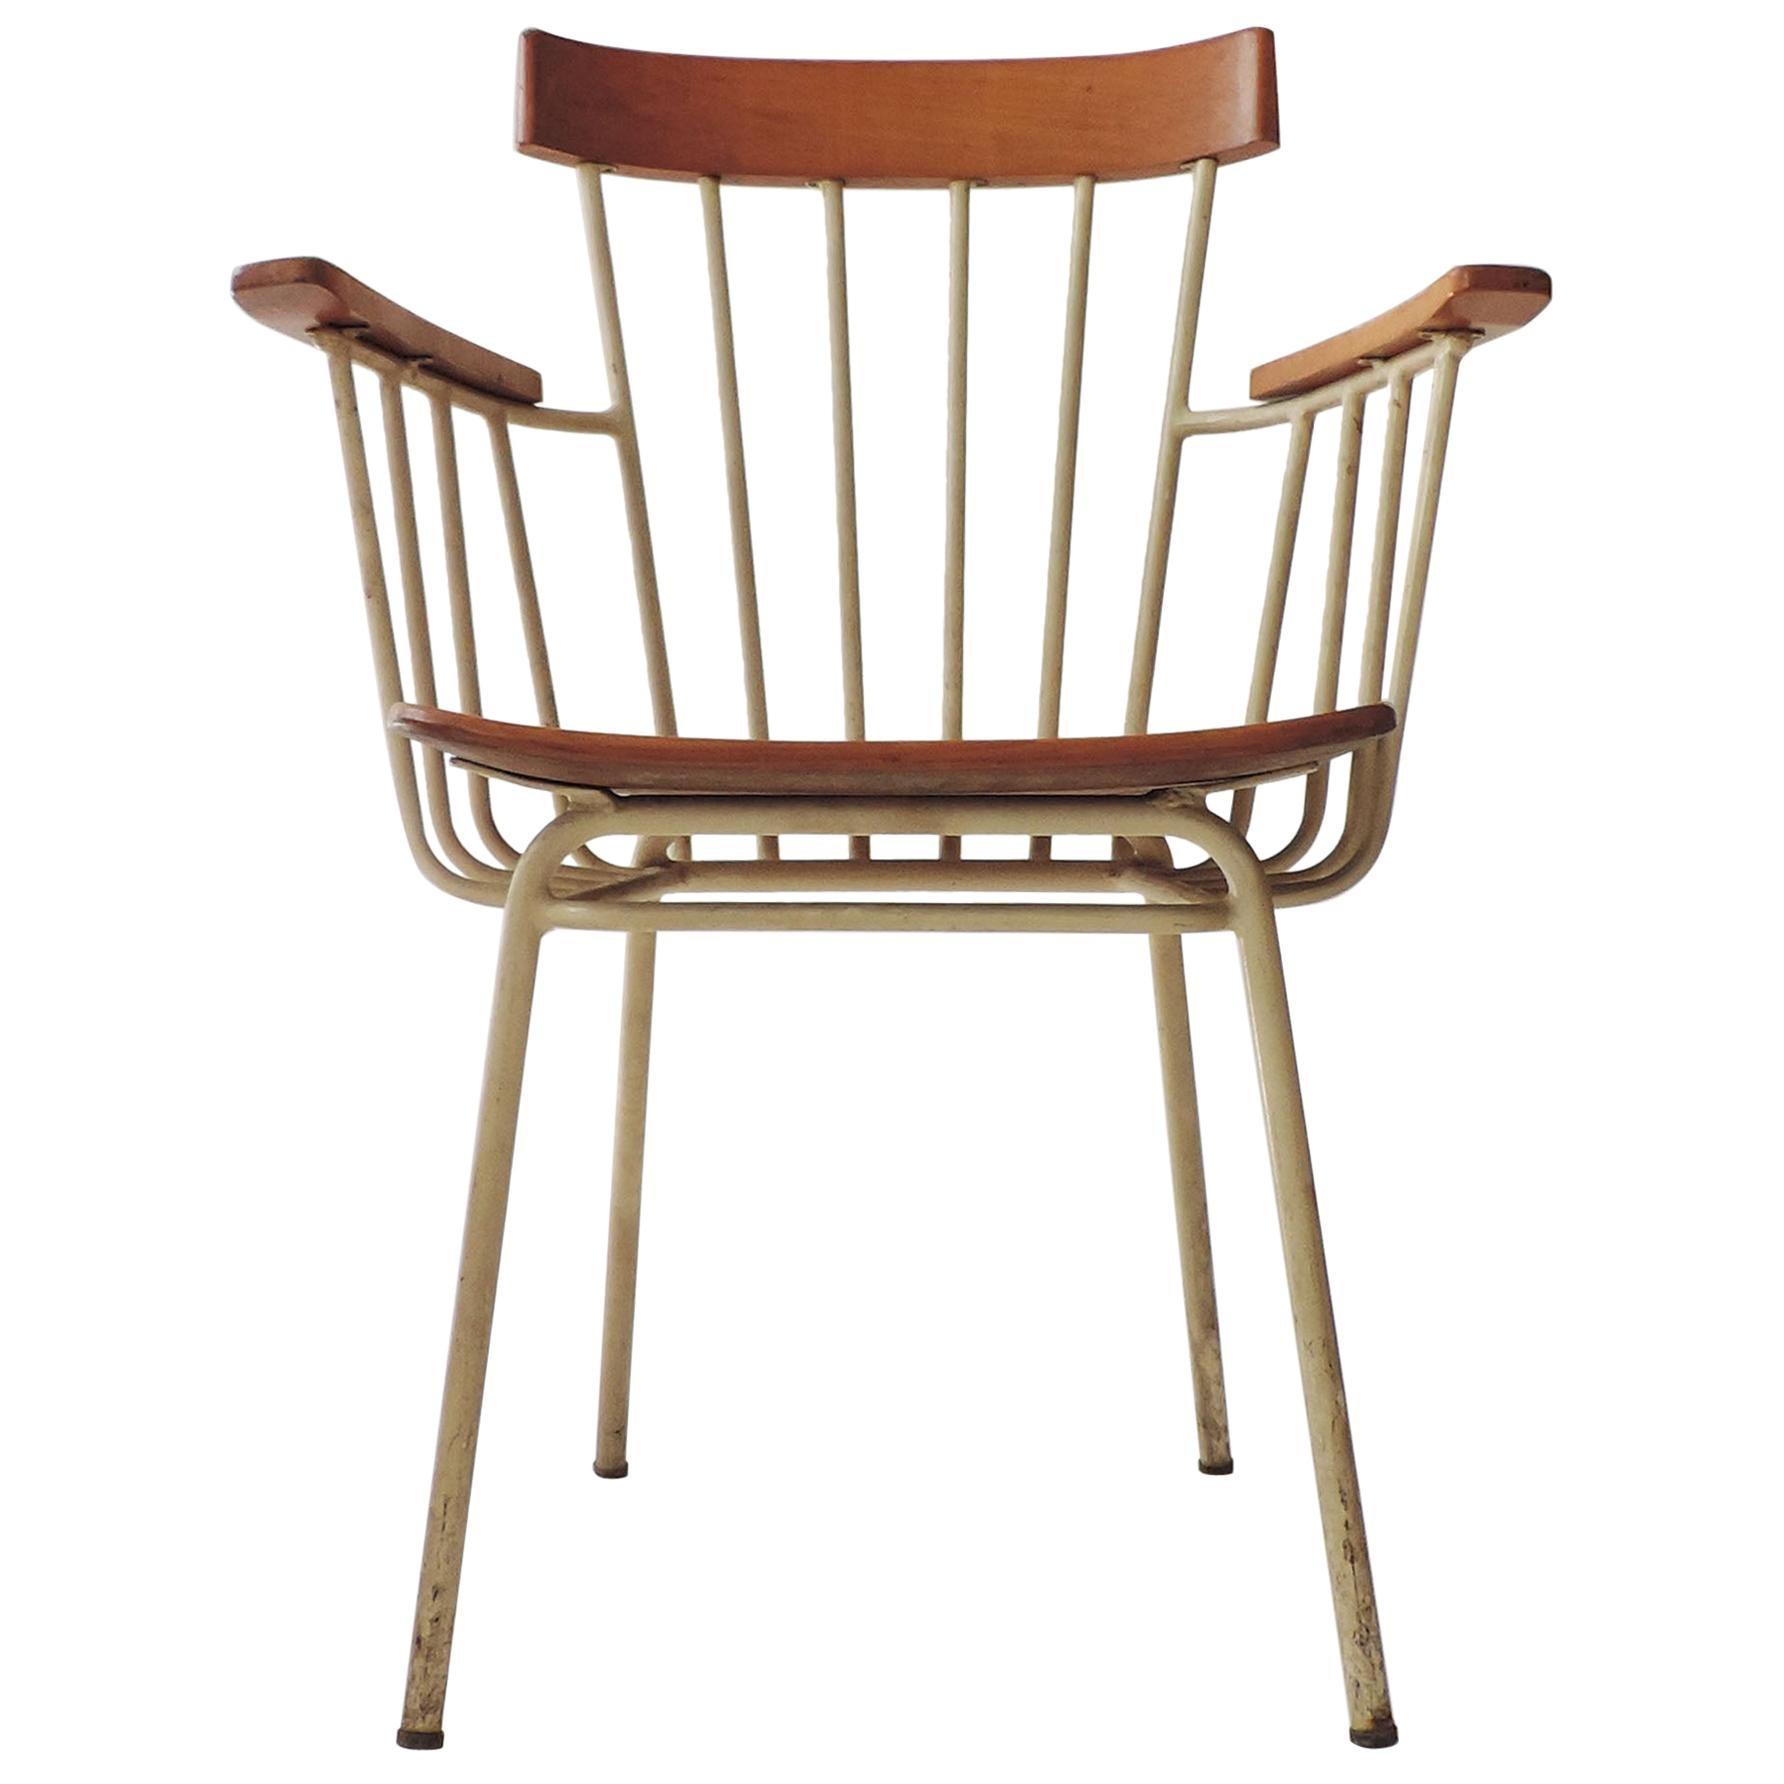 Italian 1940s Armchair